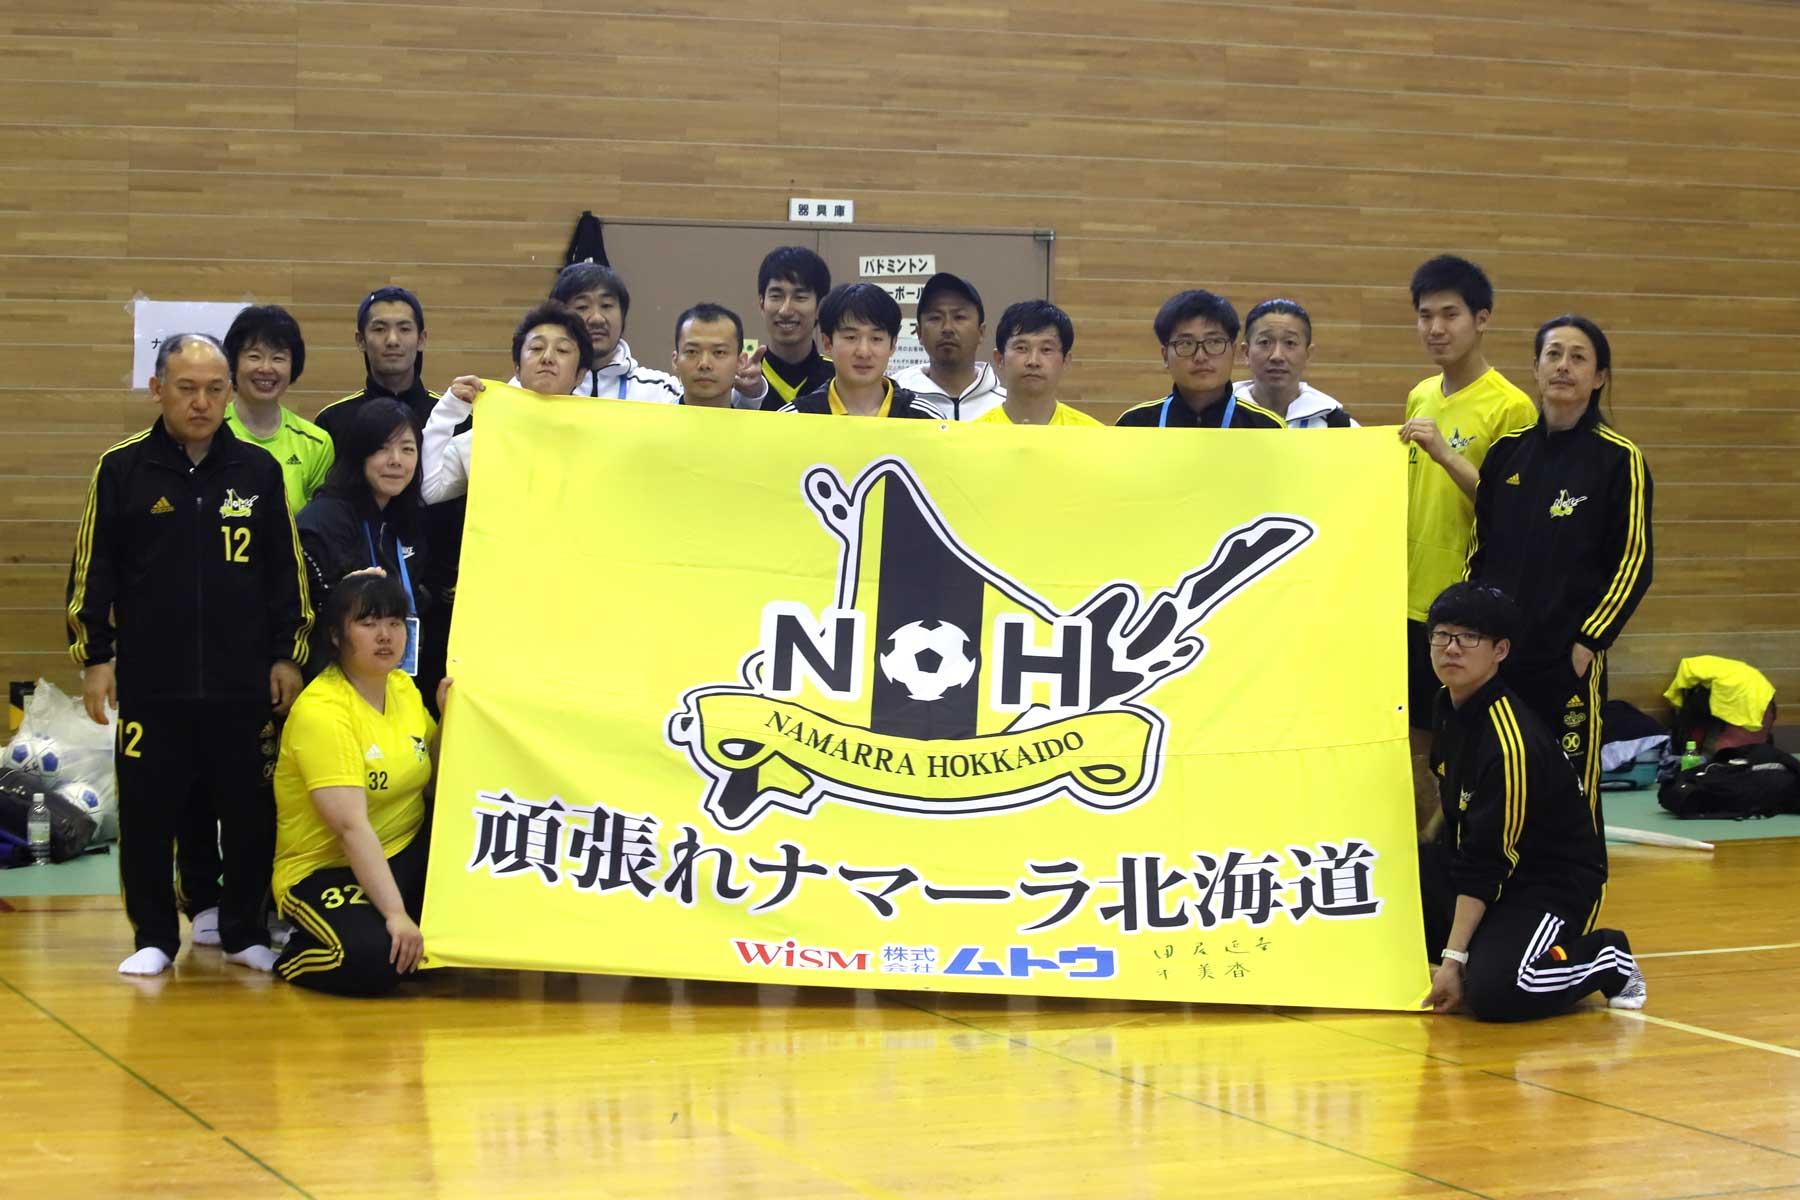 ナマーラ北海道の活動について